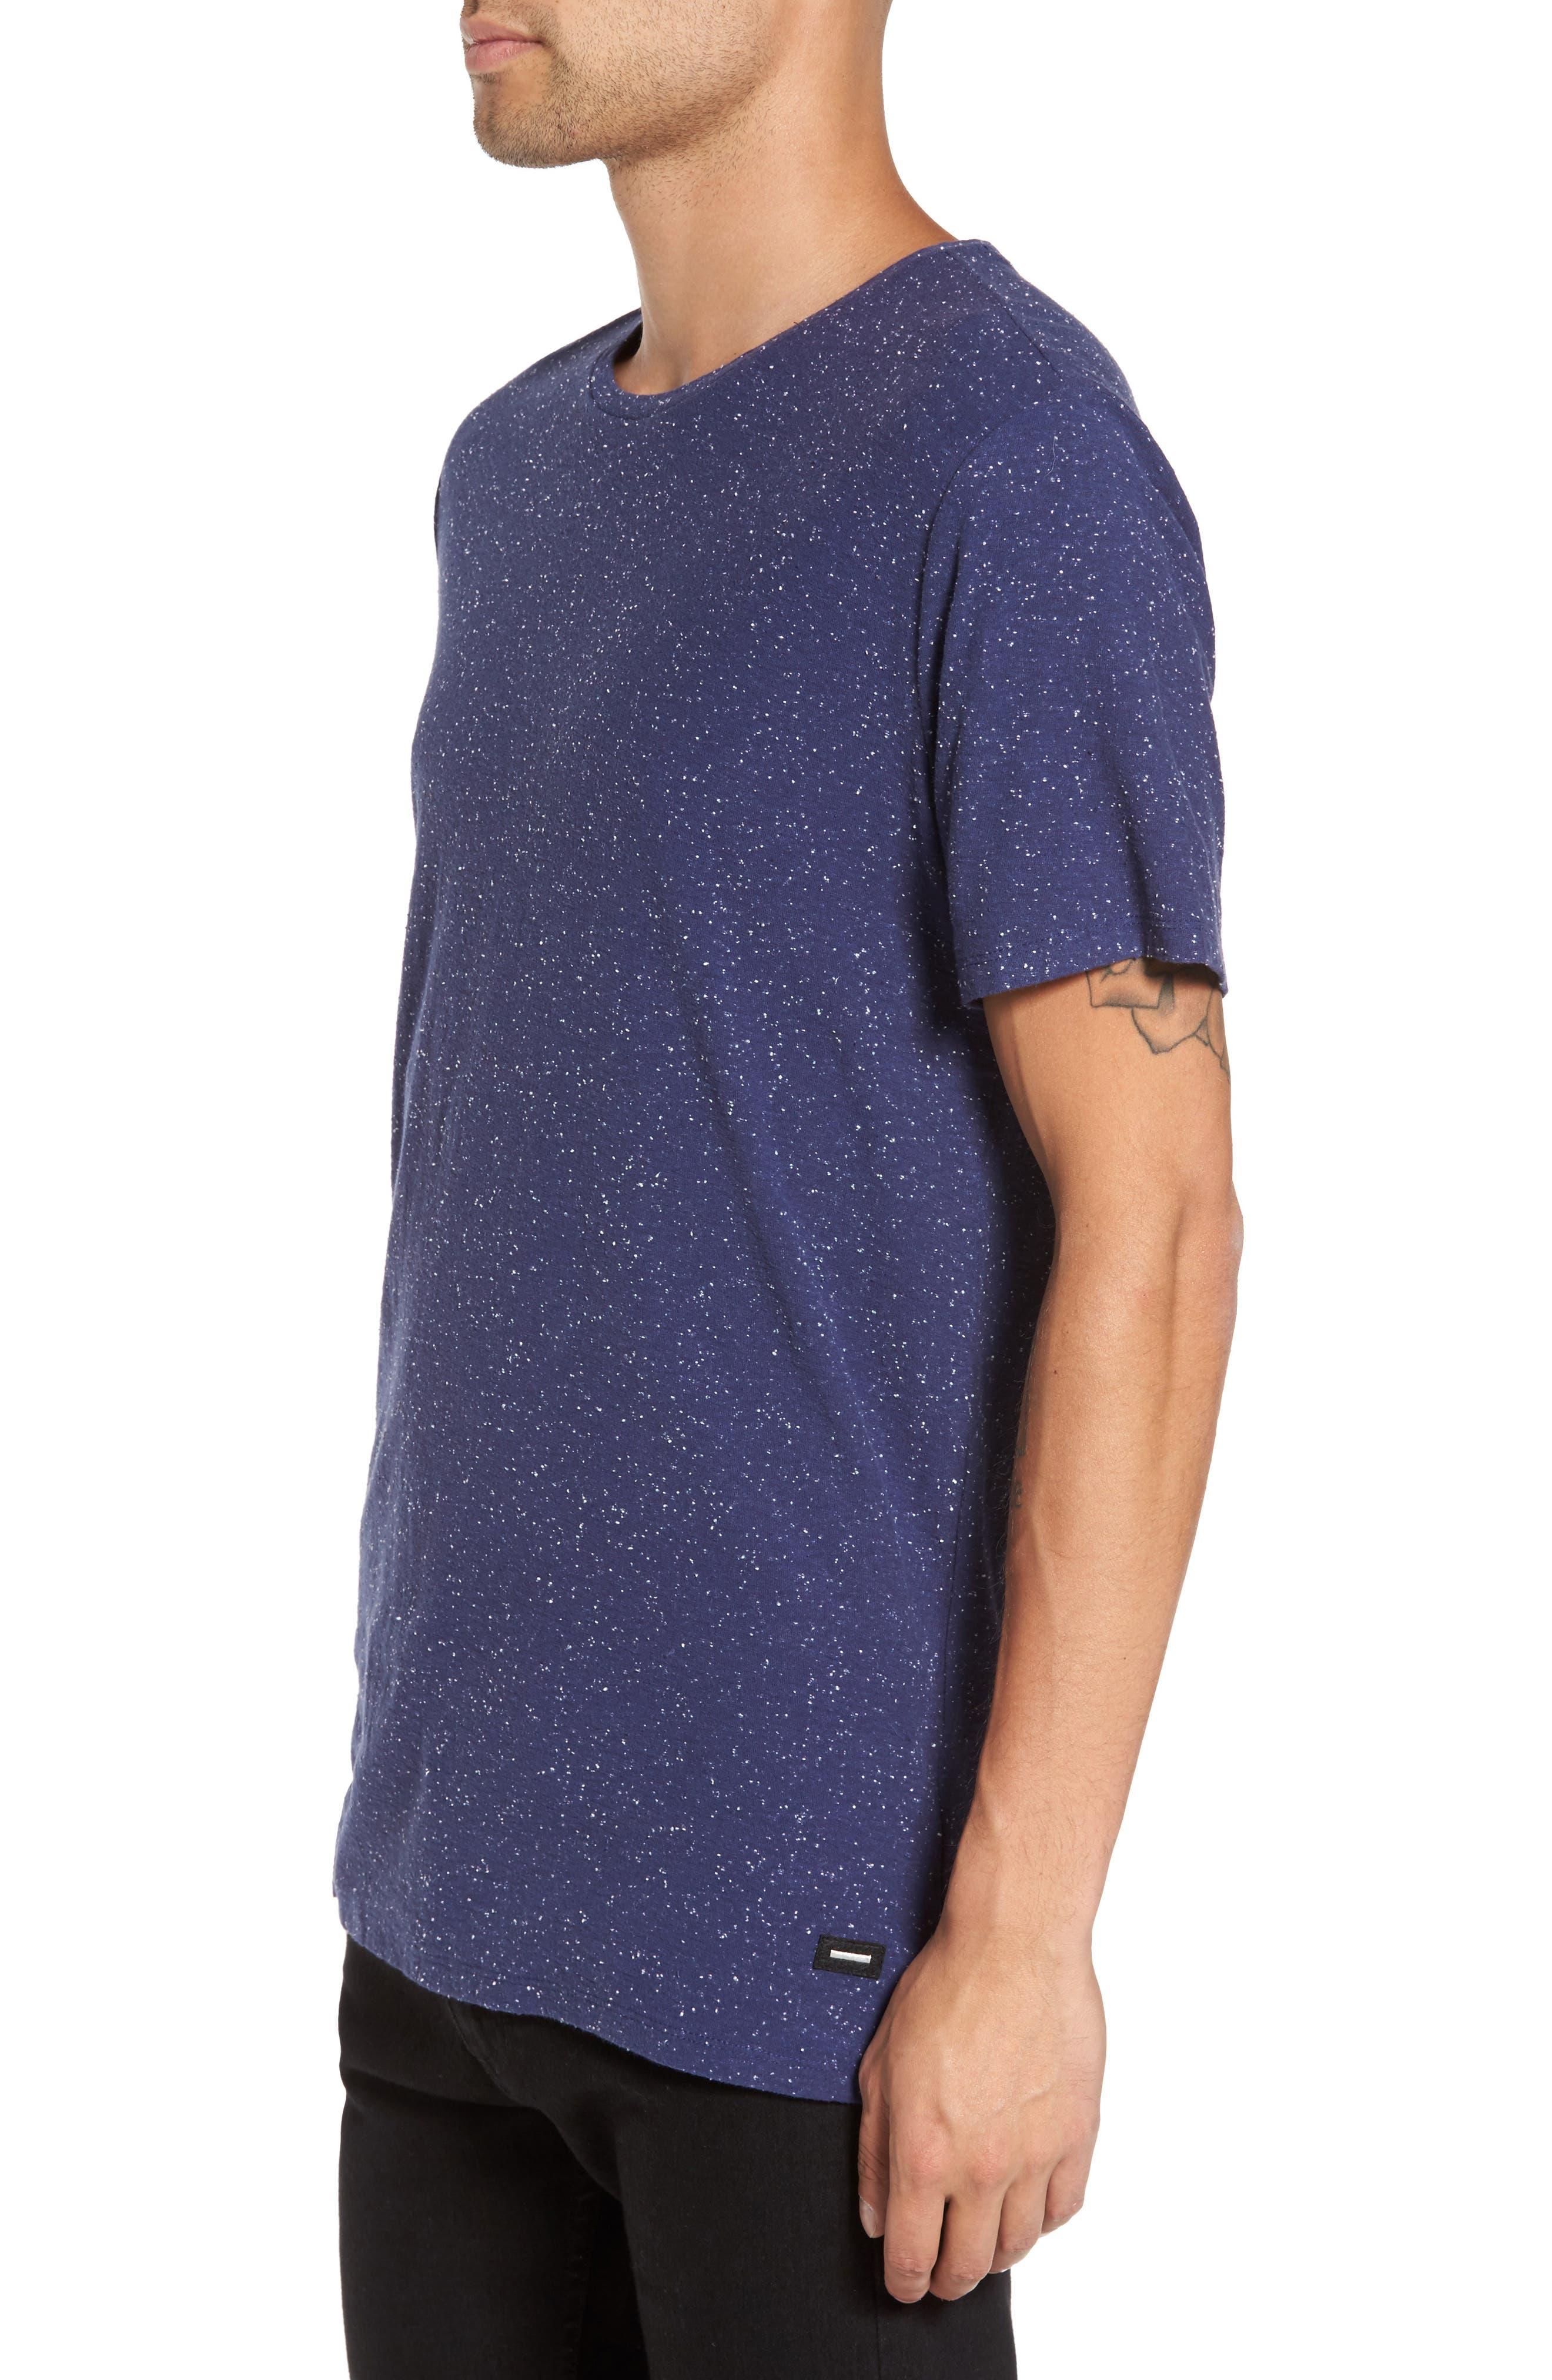 Patrick T-Shirt,                             Alternate thumbnail 9, color,